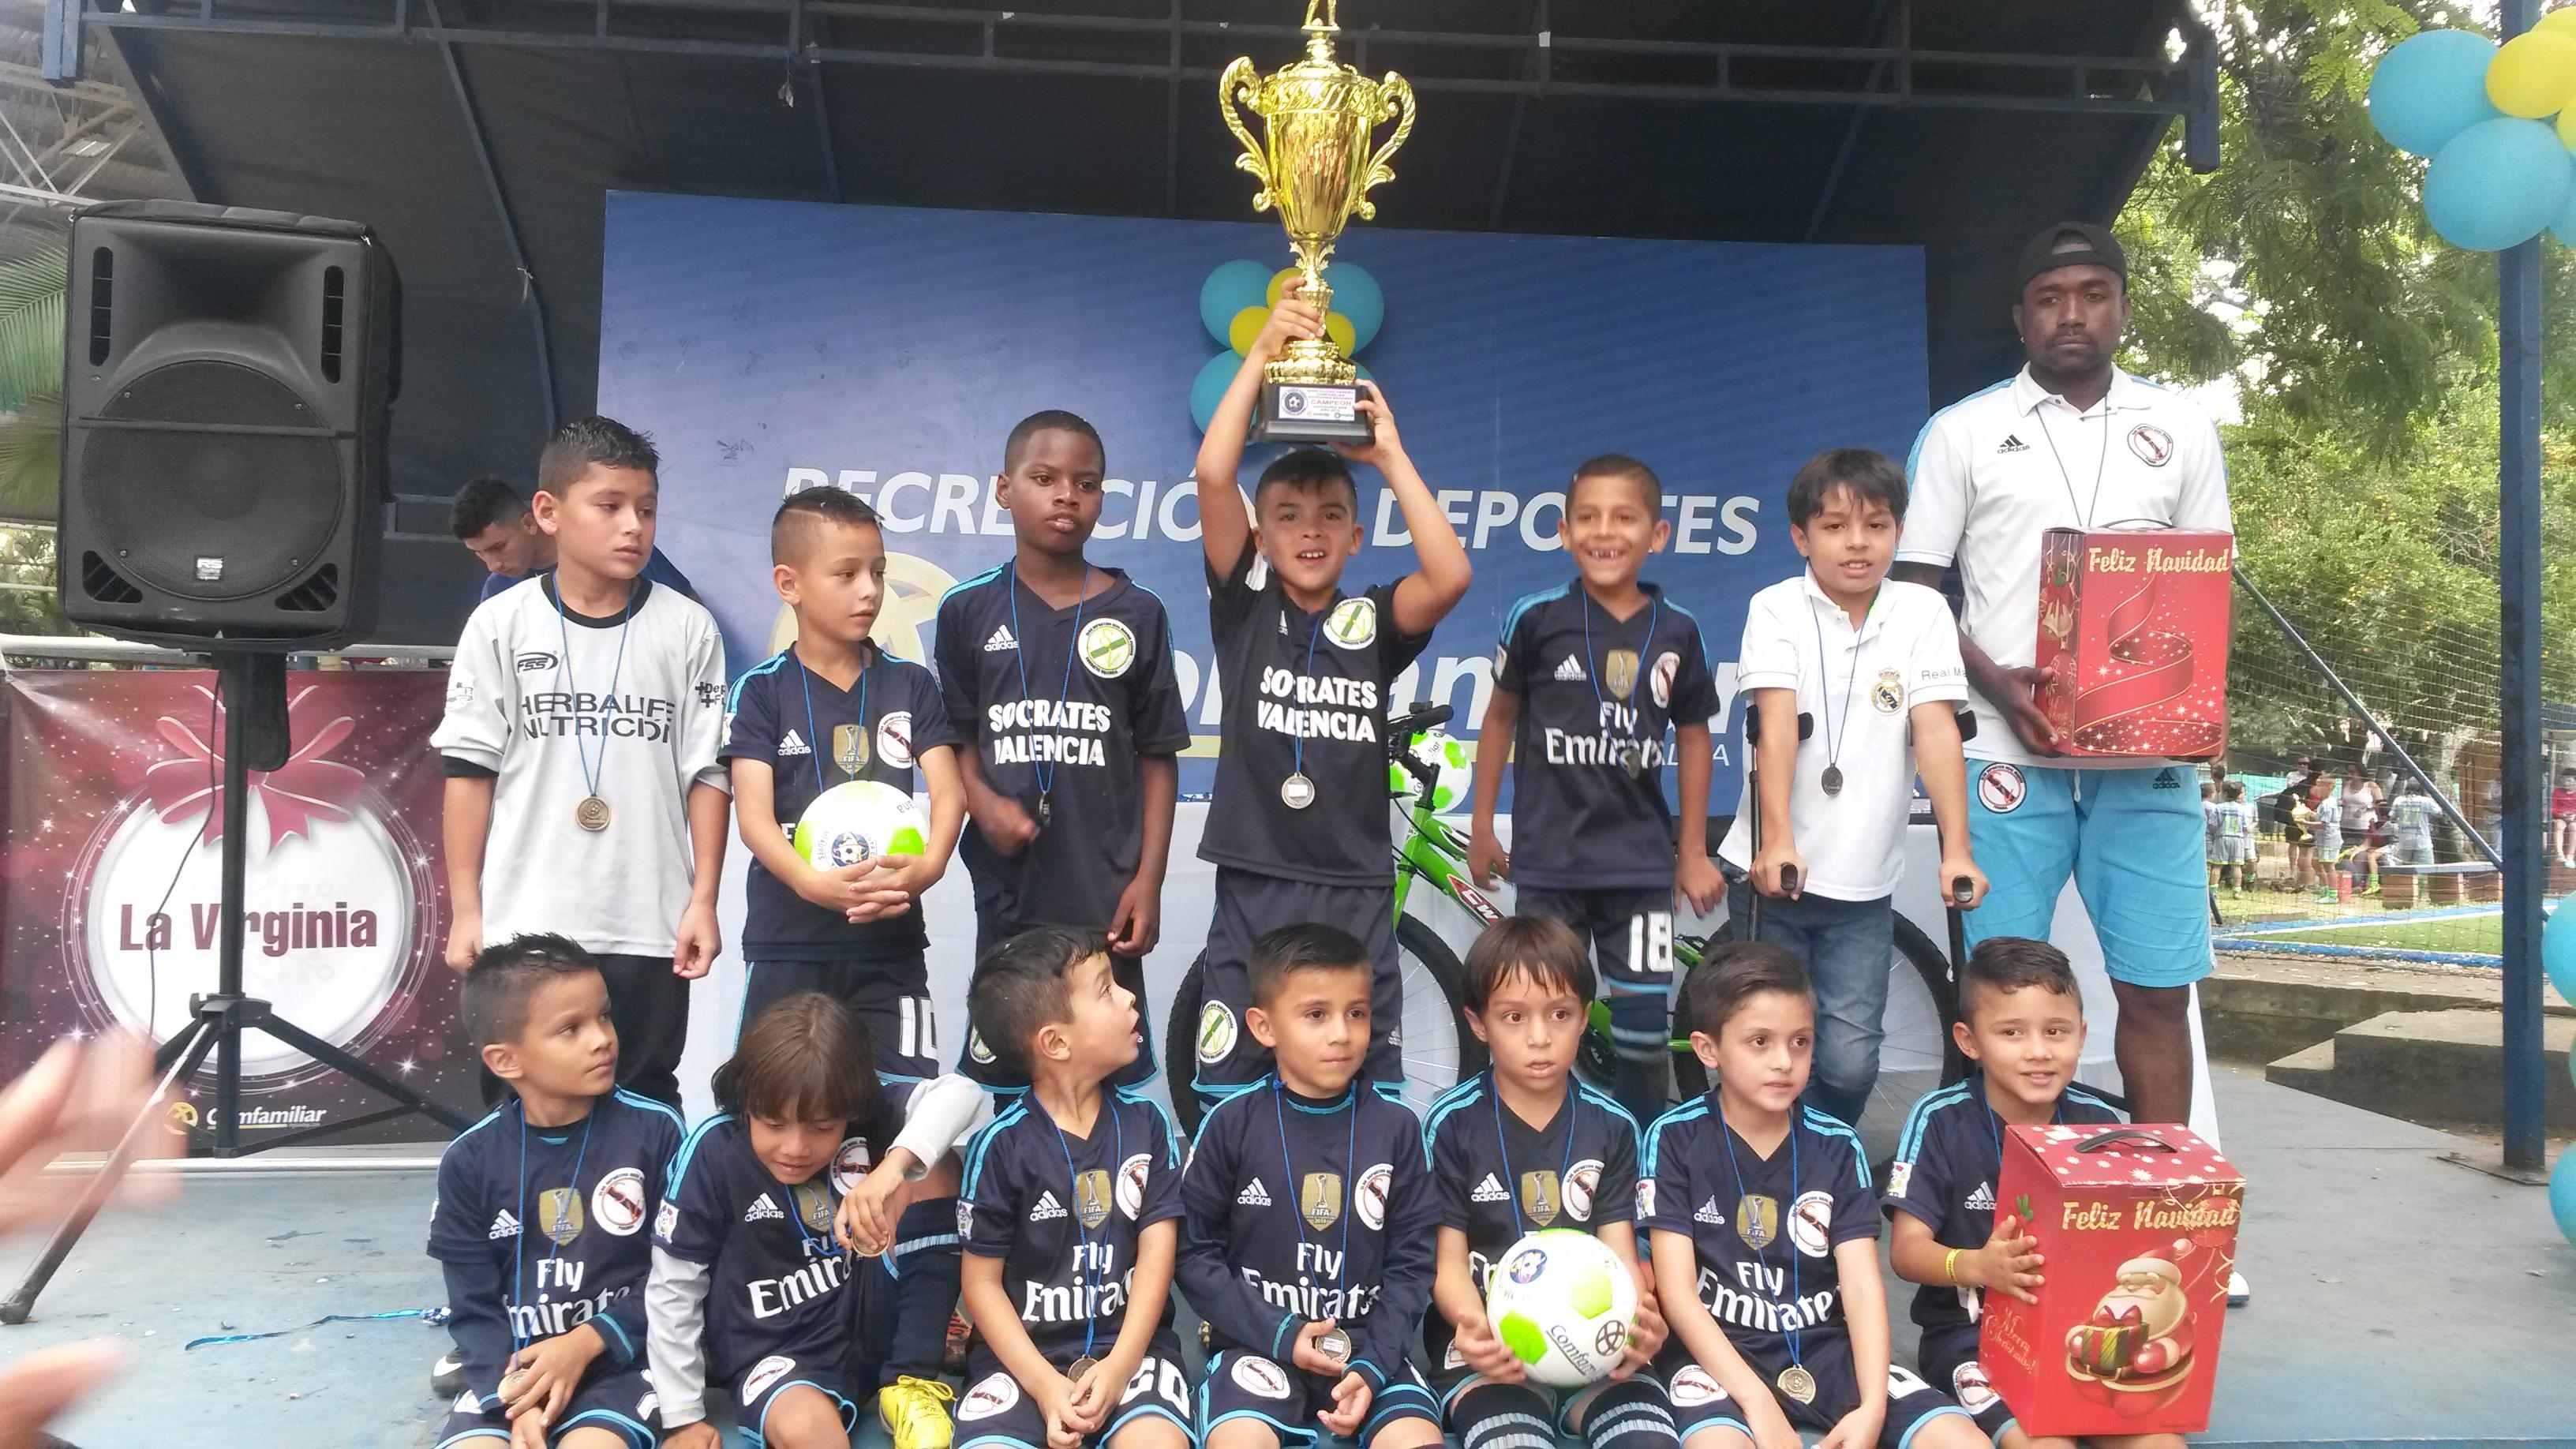 socrates-valencia-campeon-2008